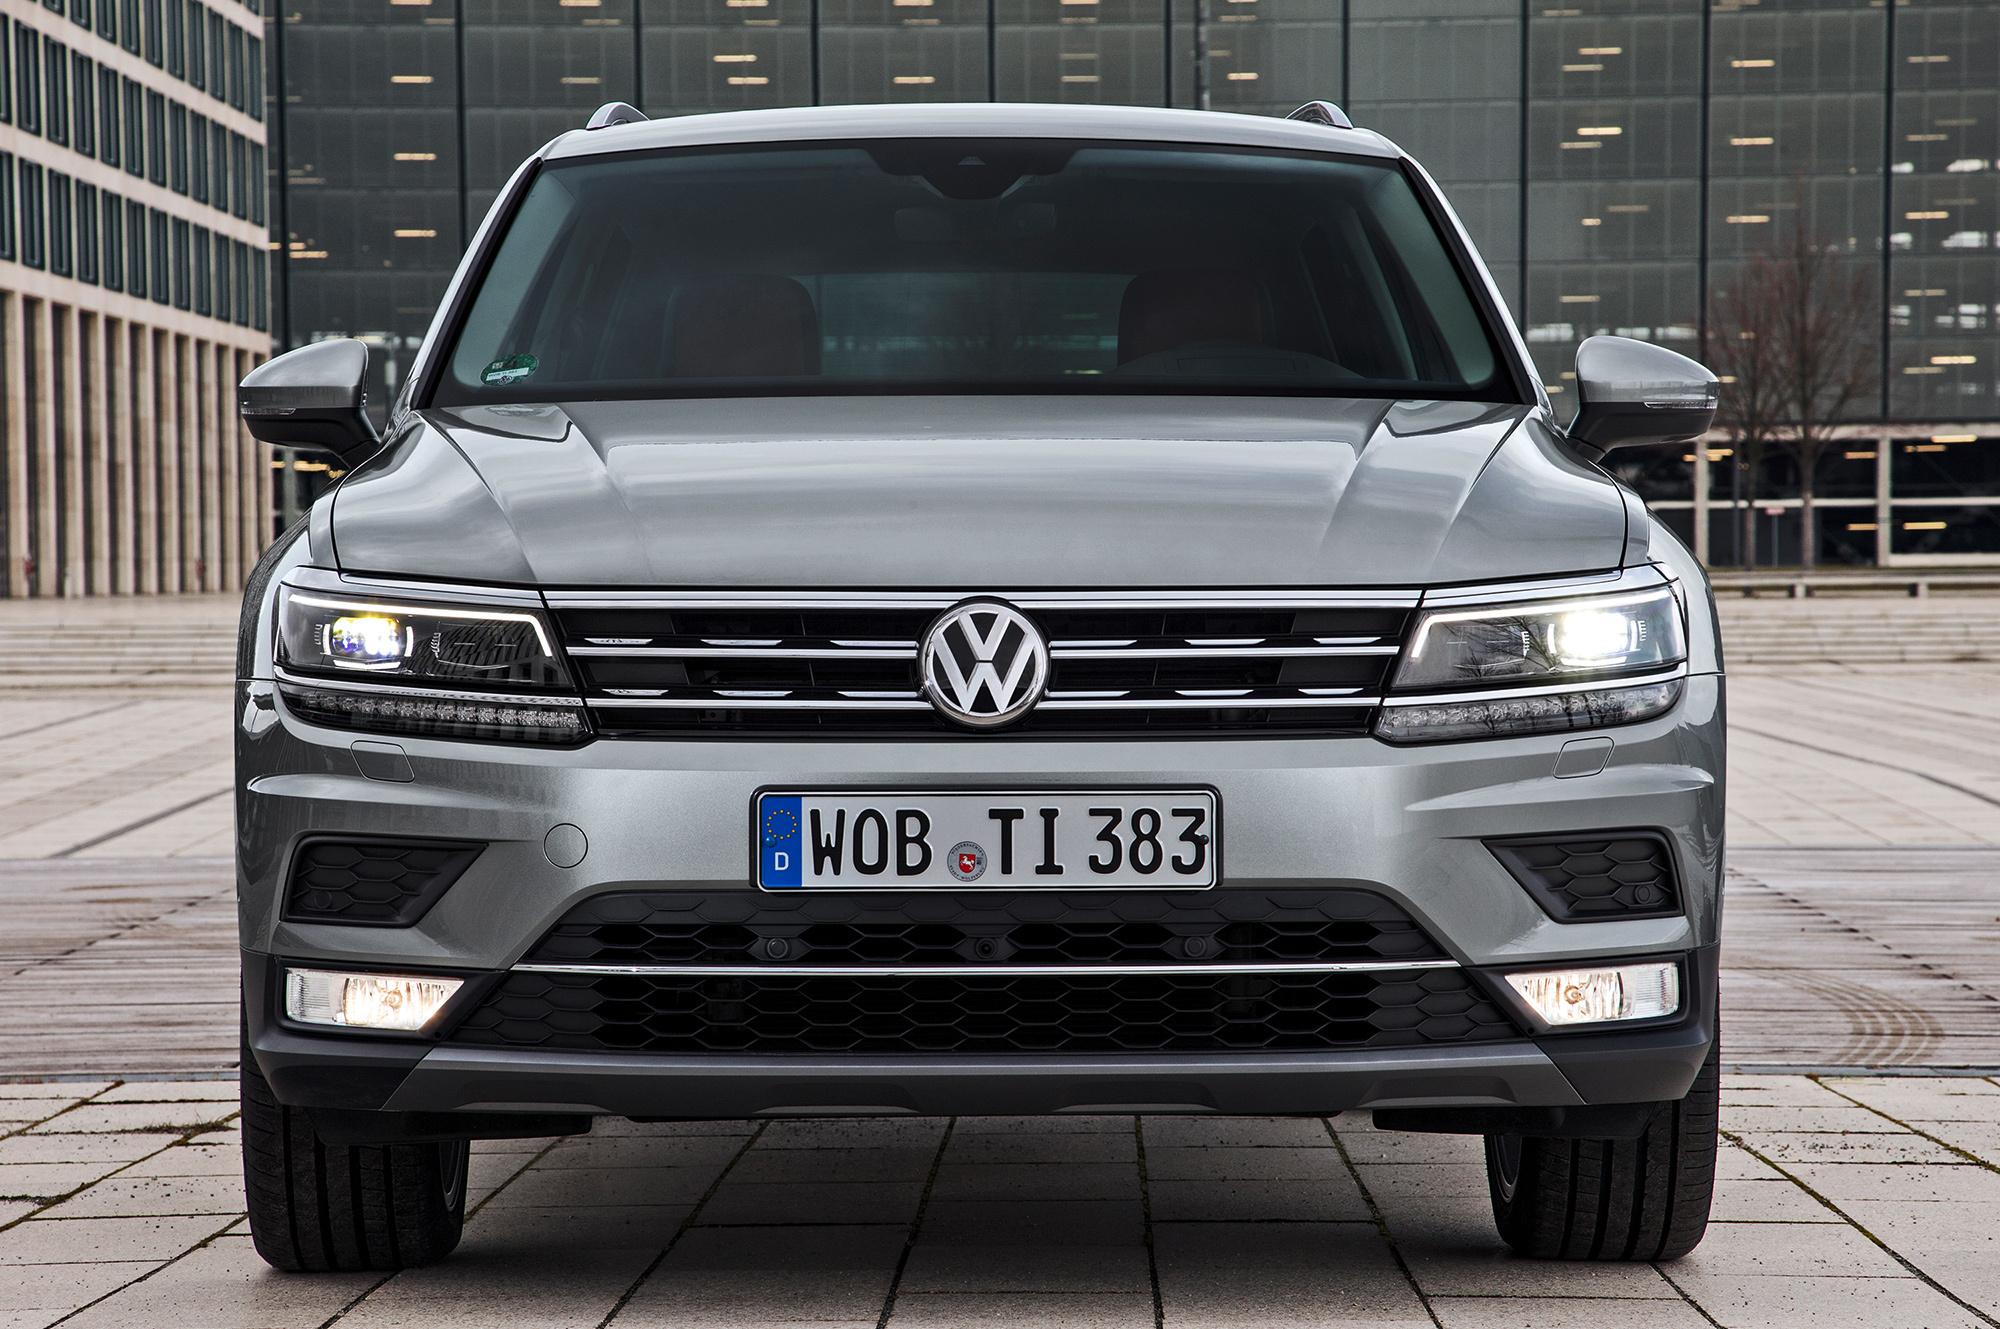 Volkswagen Tiguan Free Download